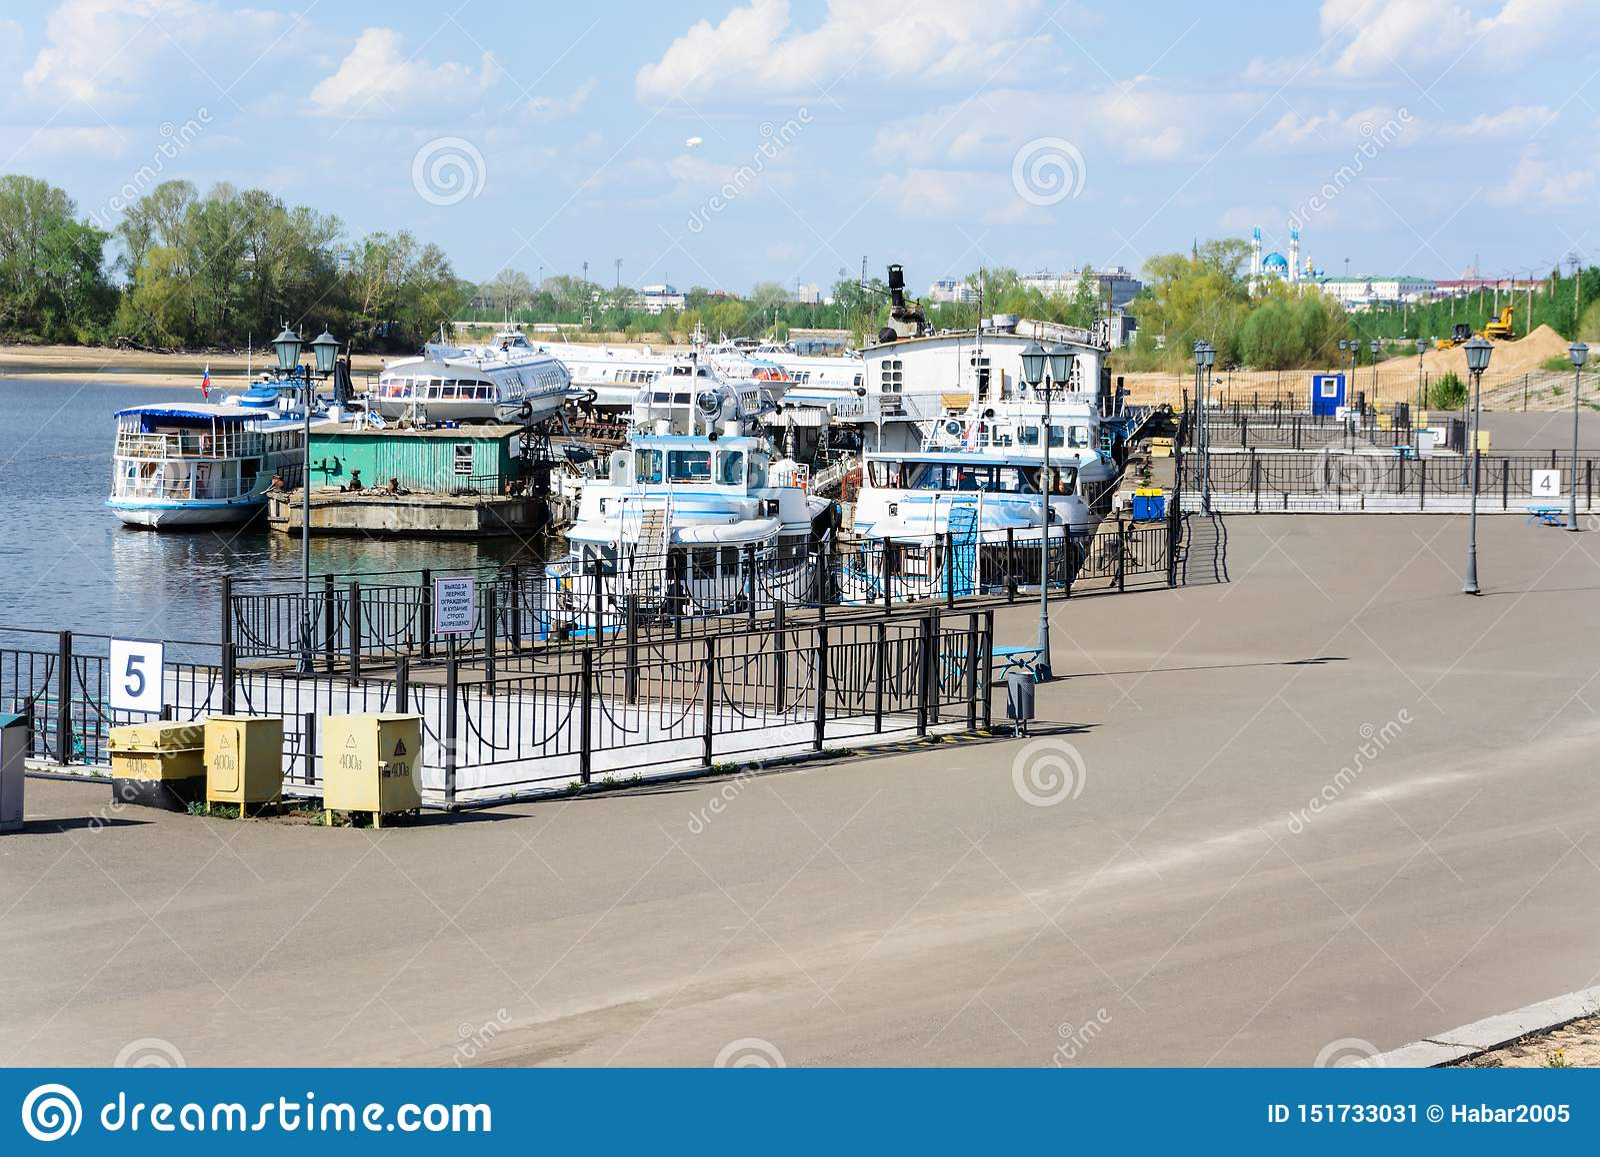 喀山,鞑靼斯坦共和国/俄罗斯- 2019年5月10日:卡昝河口岸 船的储积在同一个码头的 开始运输航海